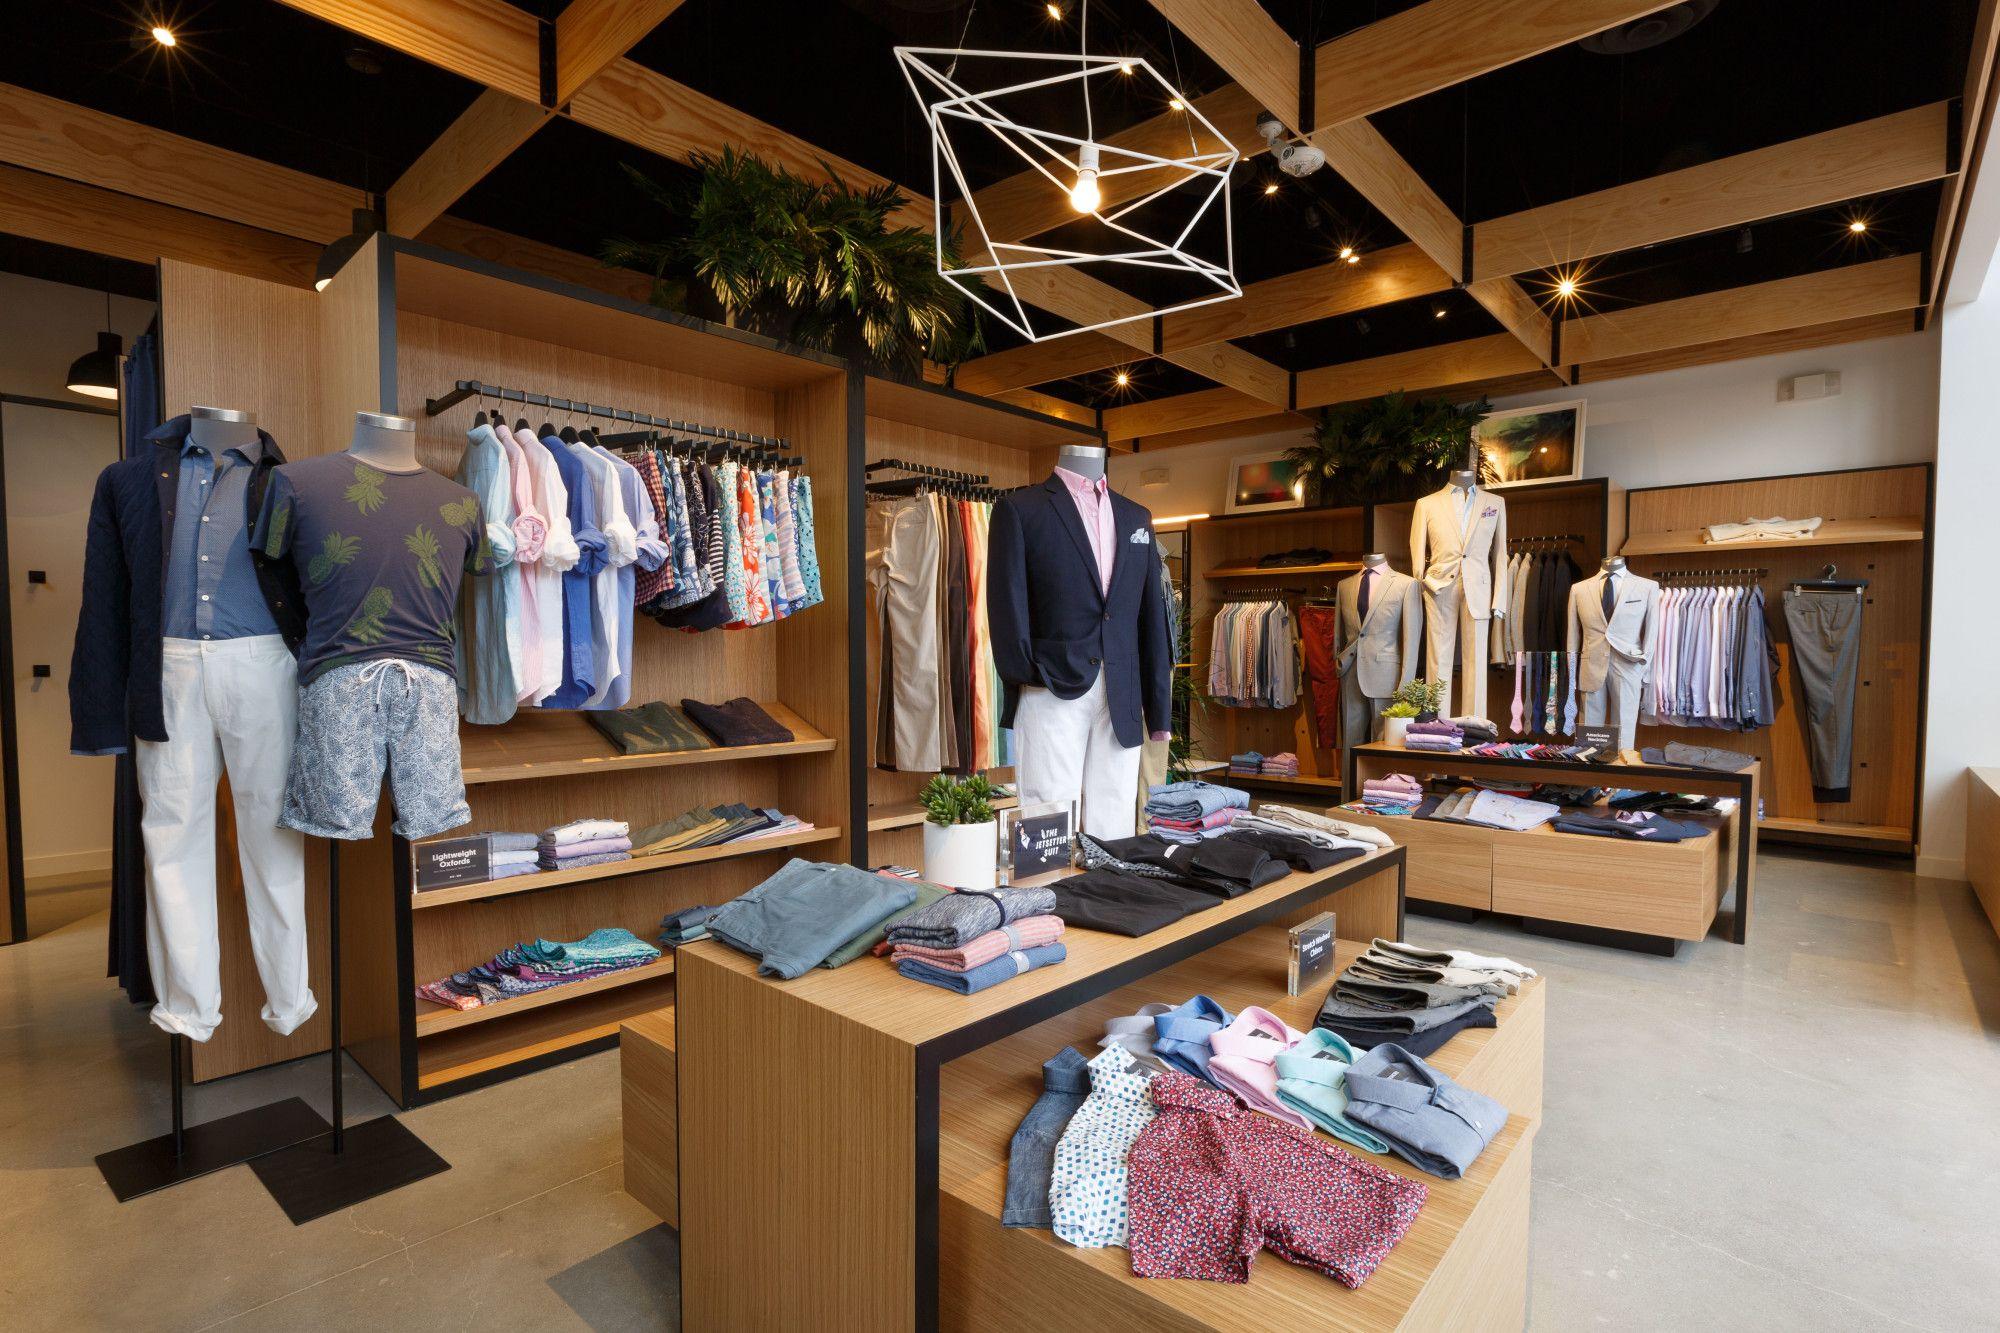 c023a8f3b47a5 Pin by A+Y Architects (D|F design) on INSPIRATION IDEA -- Store ...